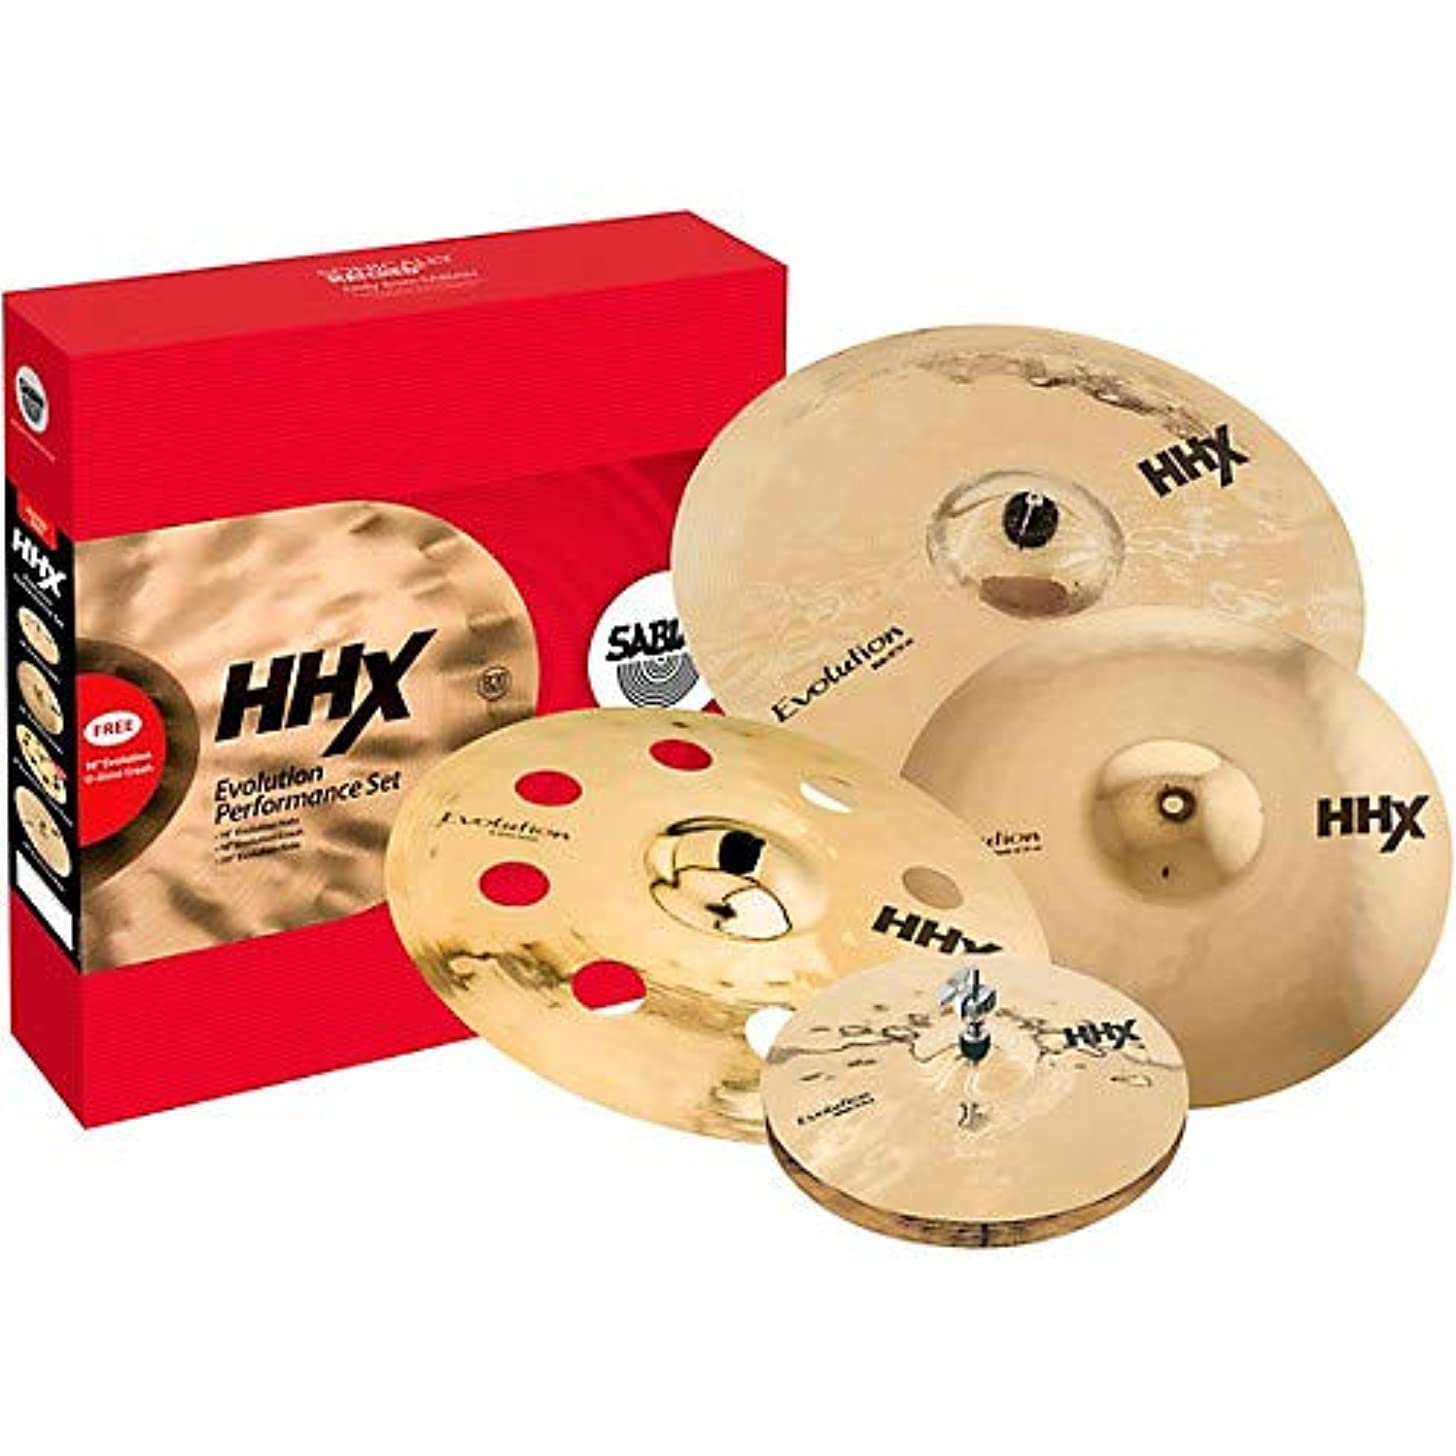 HHX Evolution Pack with Free HHX Evolution Ozone Crash